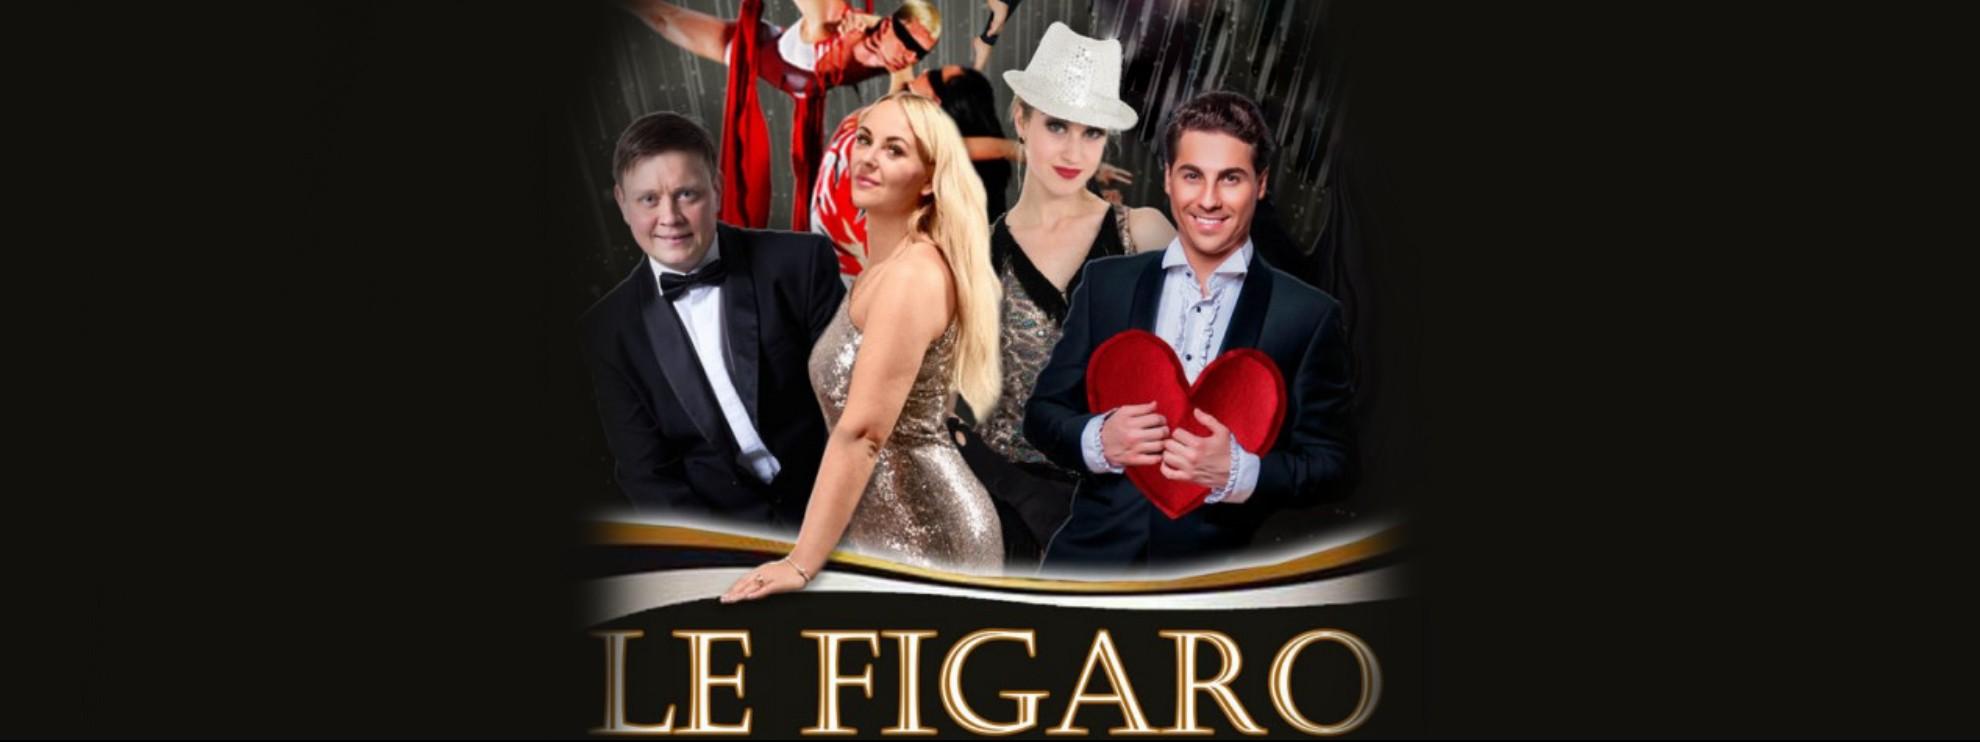 виконавець Le Figaro Project (Ле Фігаро Прожект)